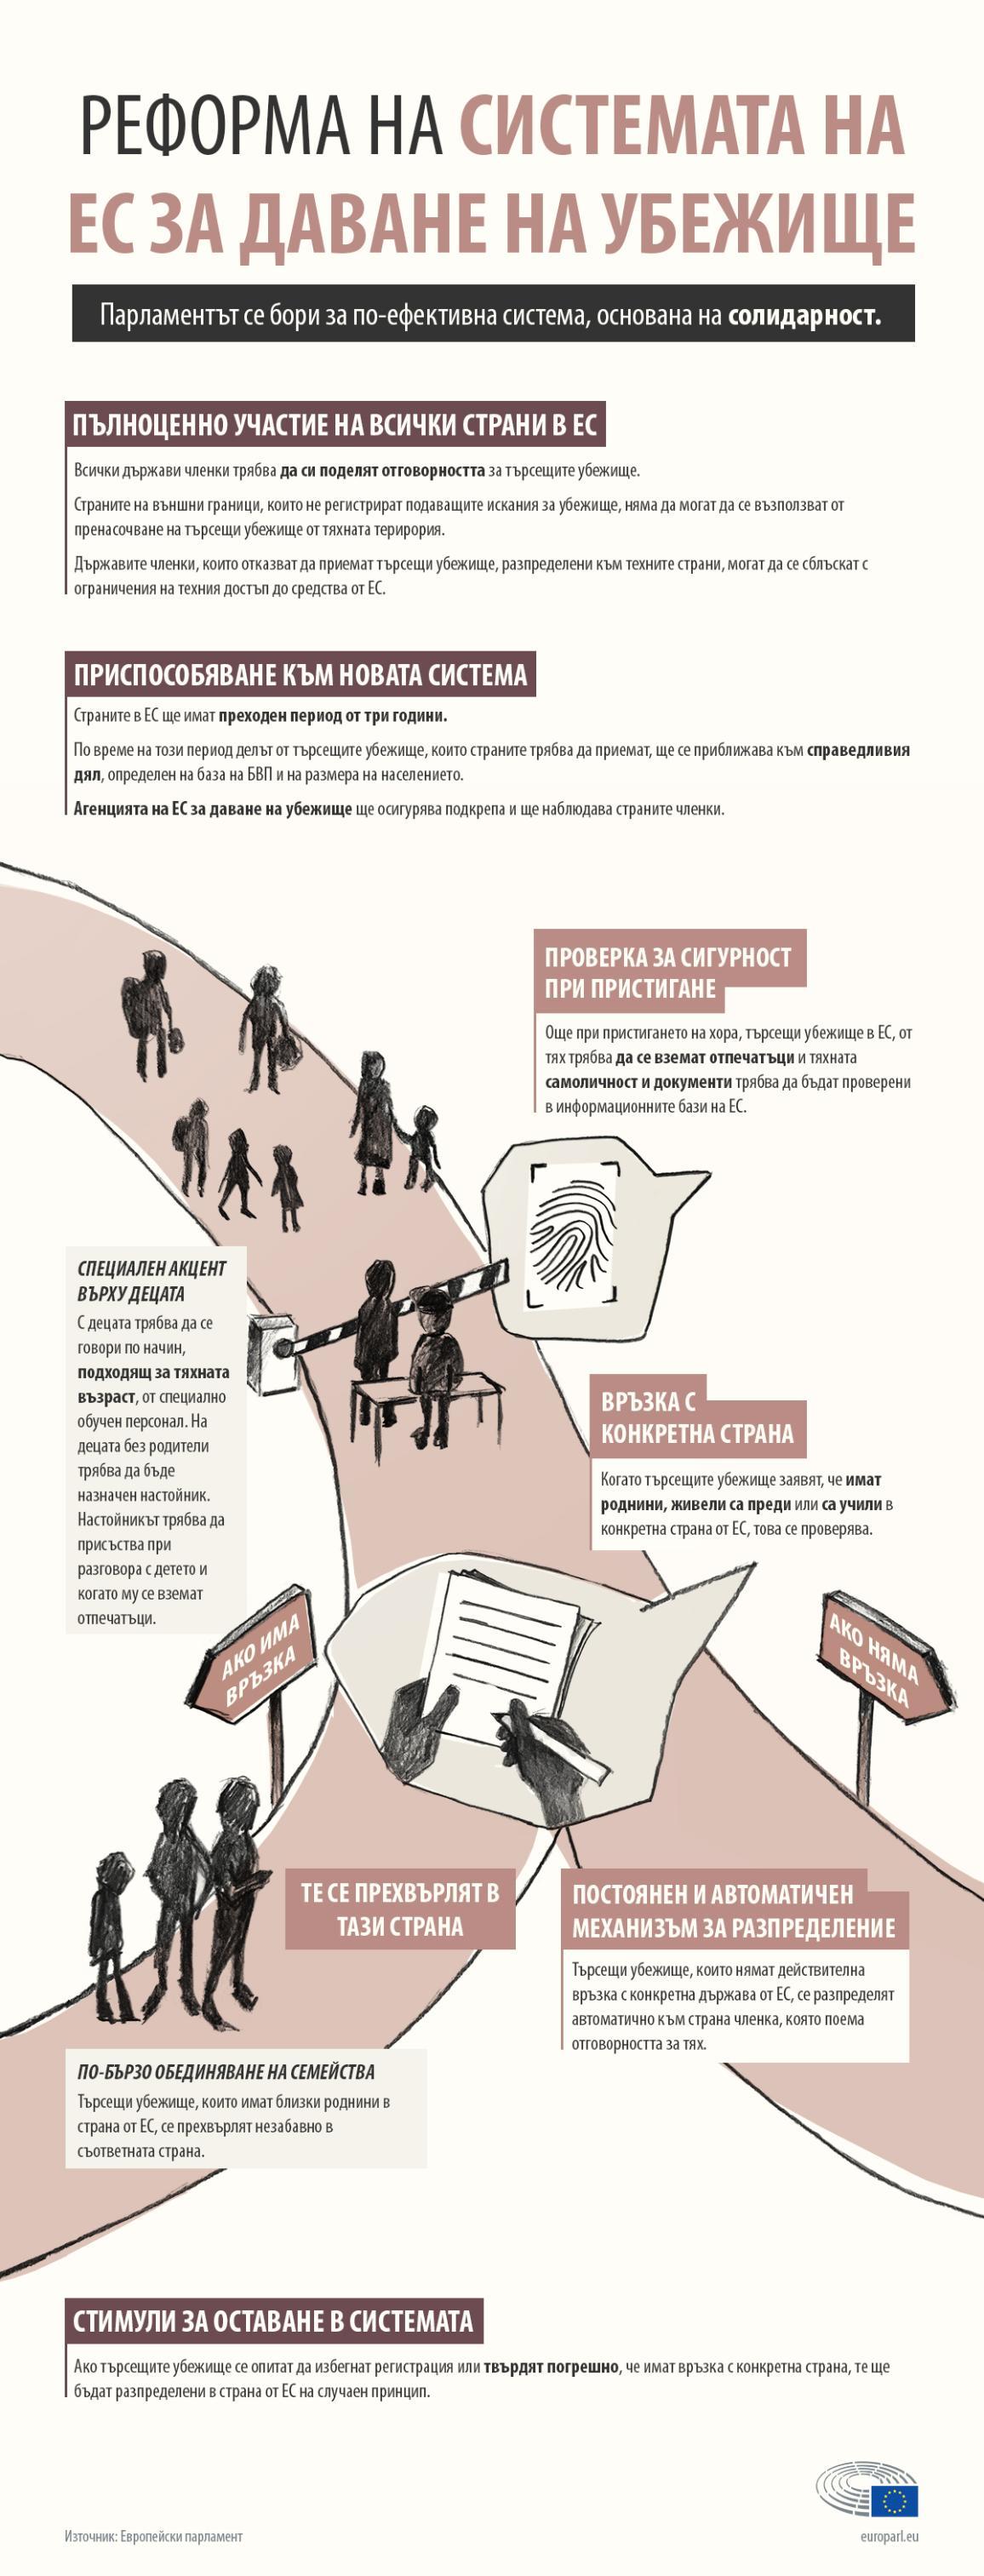 Инфографика: предложенията на Парламента за промени в системата за даване на убежище в ЕС